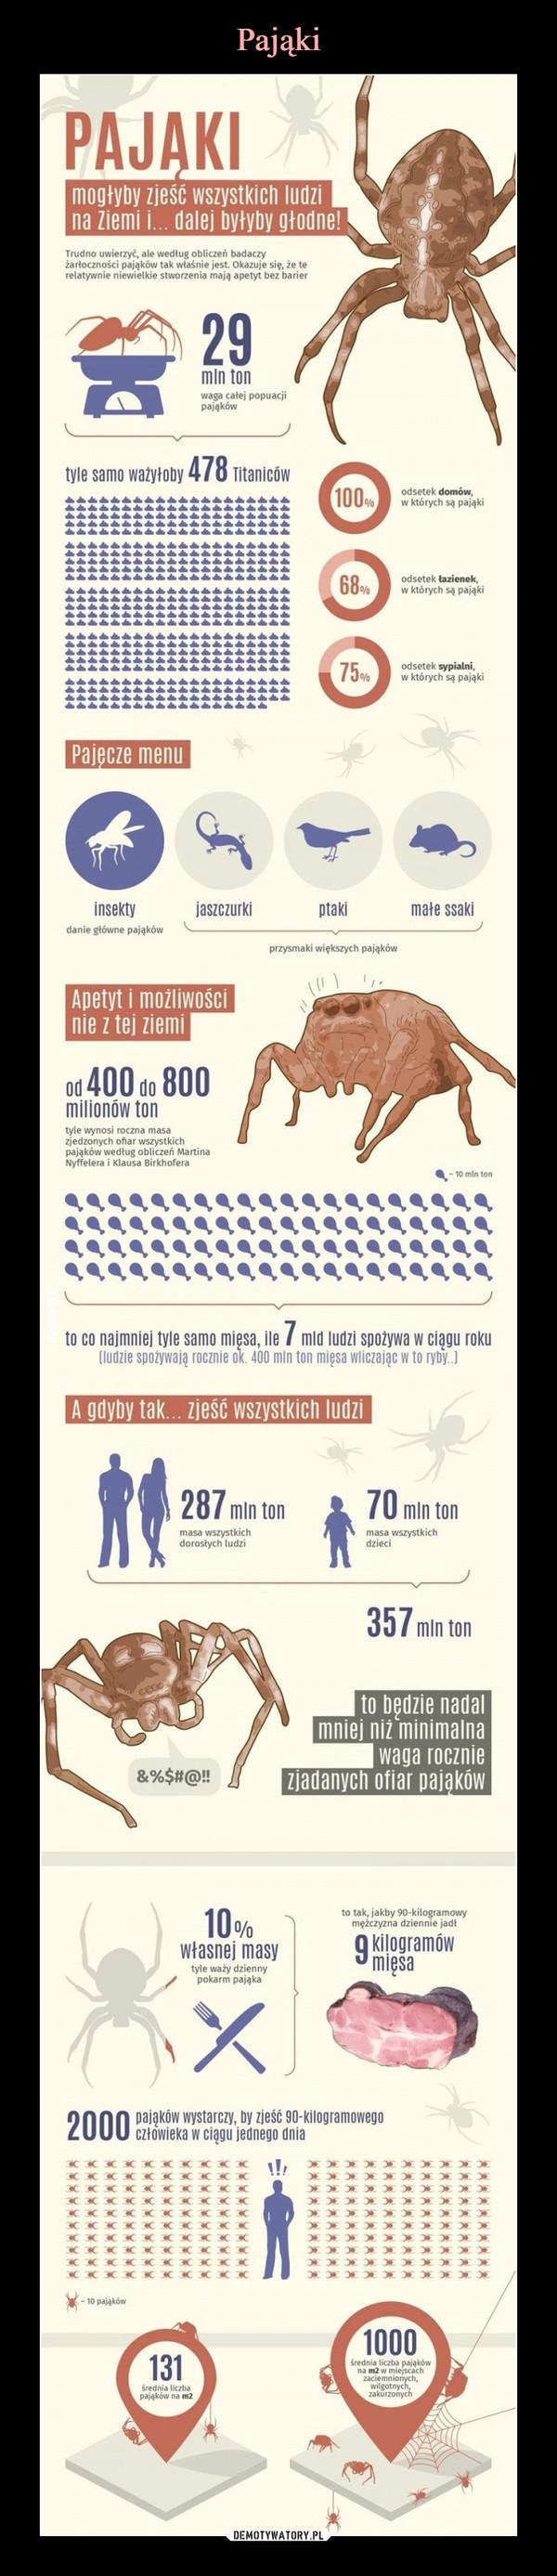 –  mogłyby zjeść wszystkich ludzi Ina Ziemi i... dalej DyłyDy głodne!Tfudno uwierzyć, ate według obliczeń badaczyżarłoczności pająków tak właśnie jest. Okazuje się, że terelatywnie niewielkie stworzenia mają apetyt bez barier